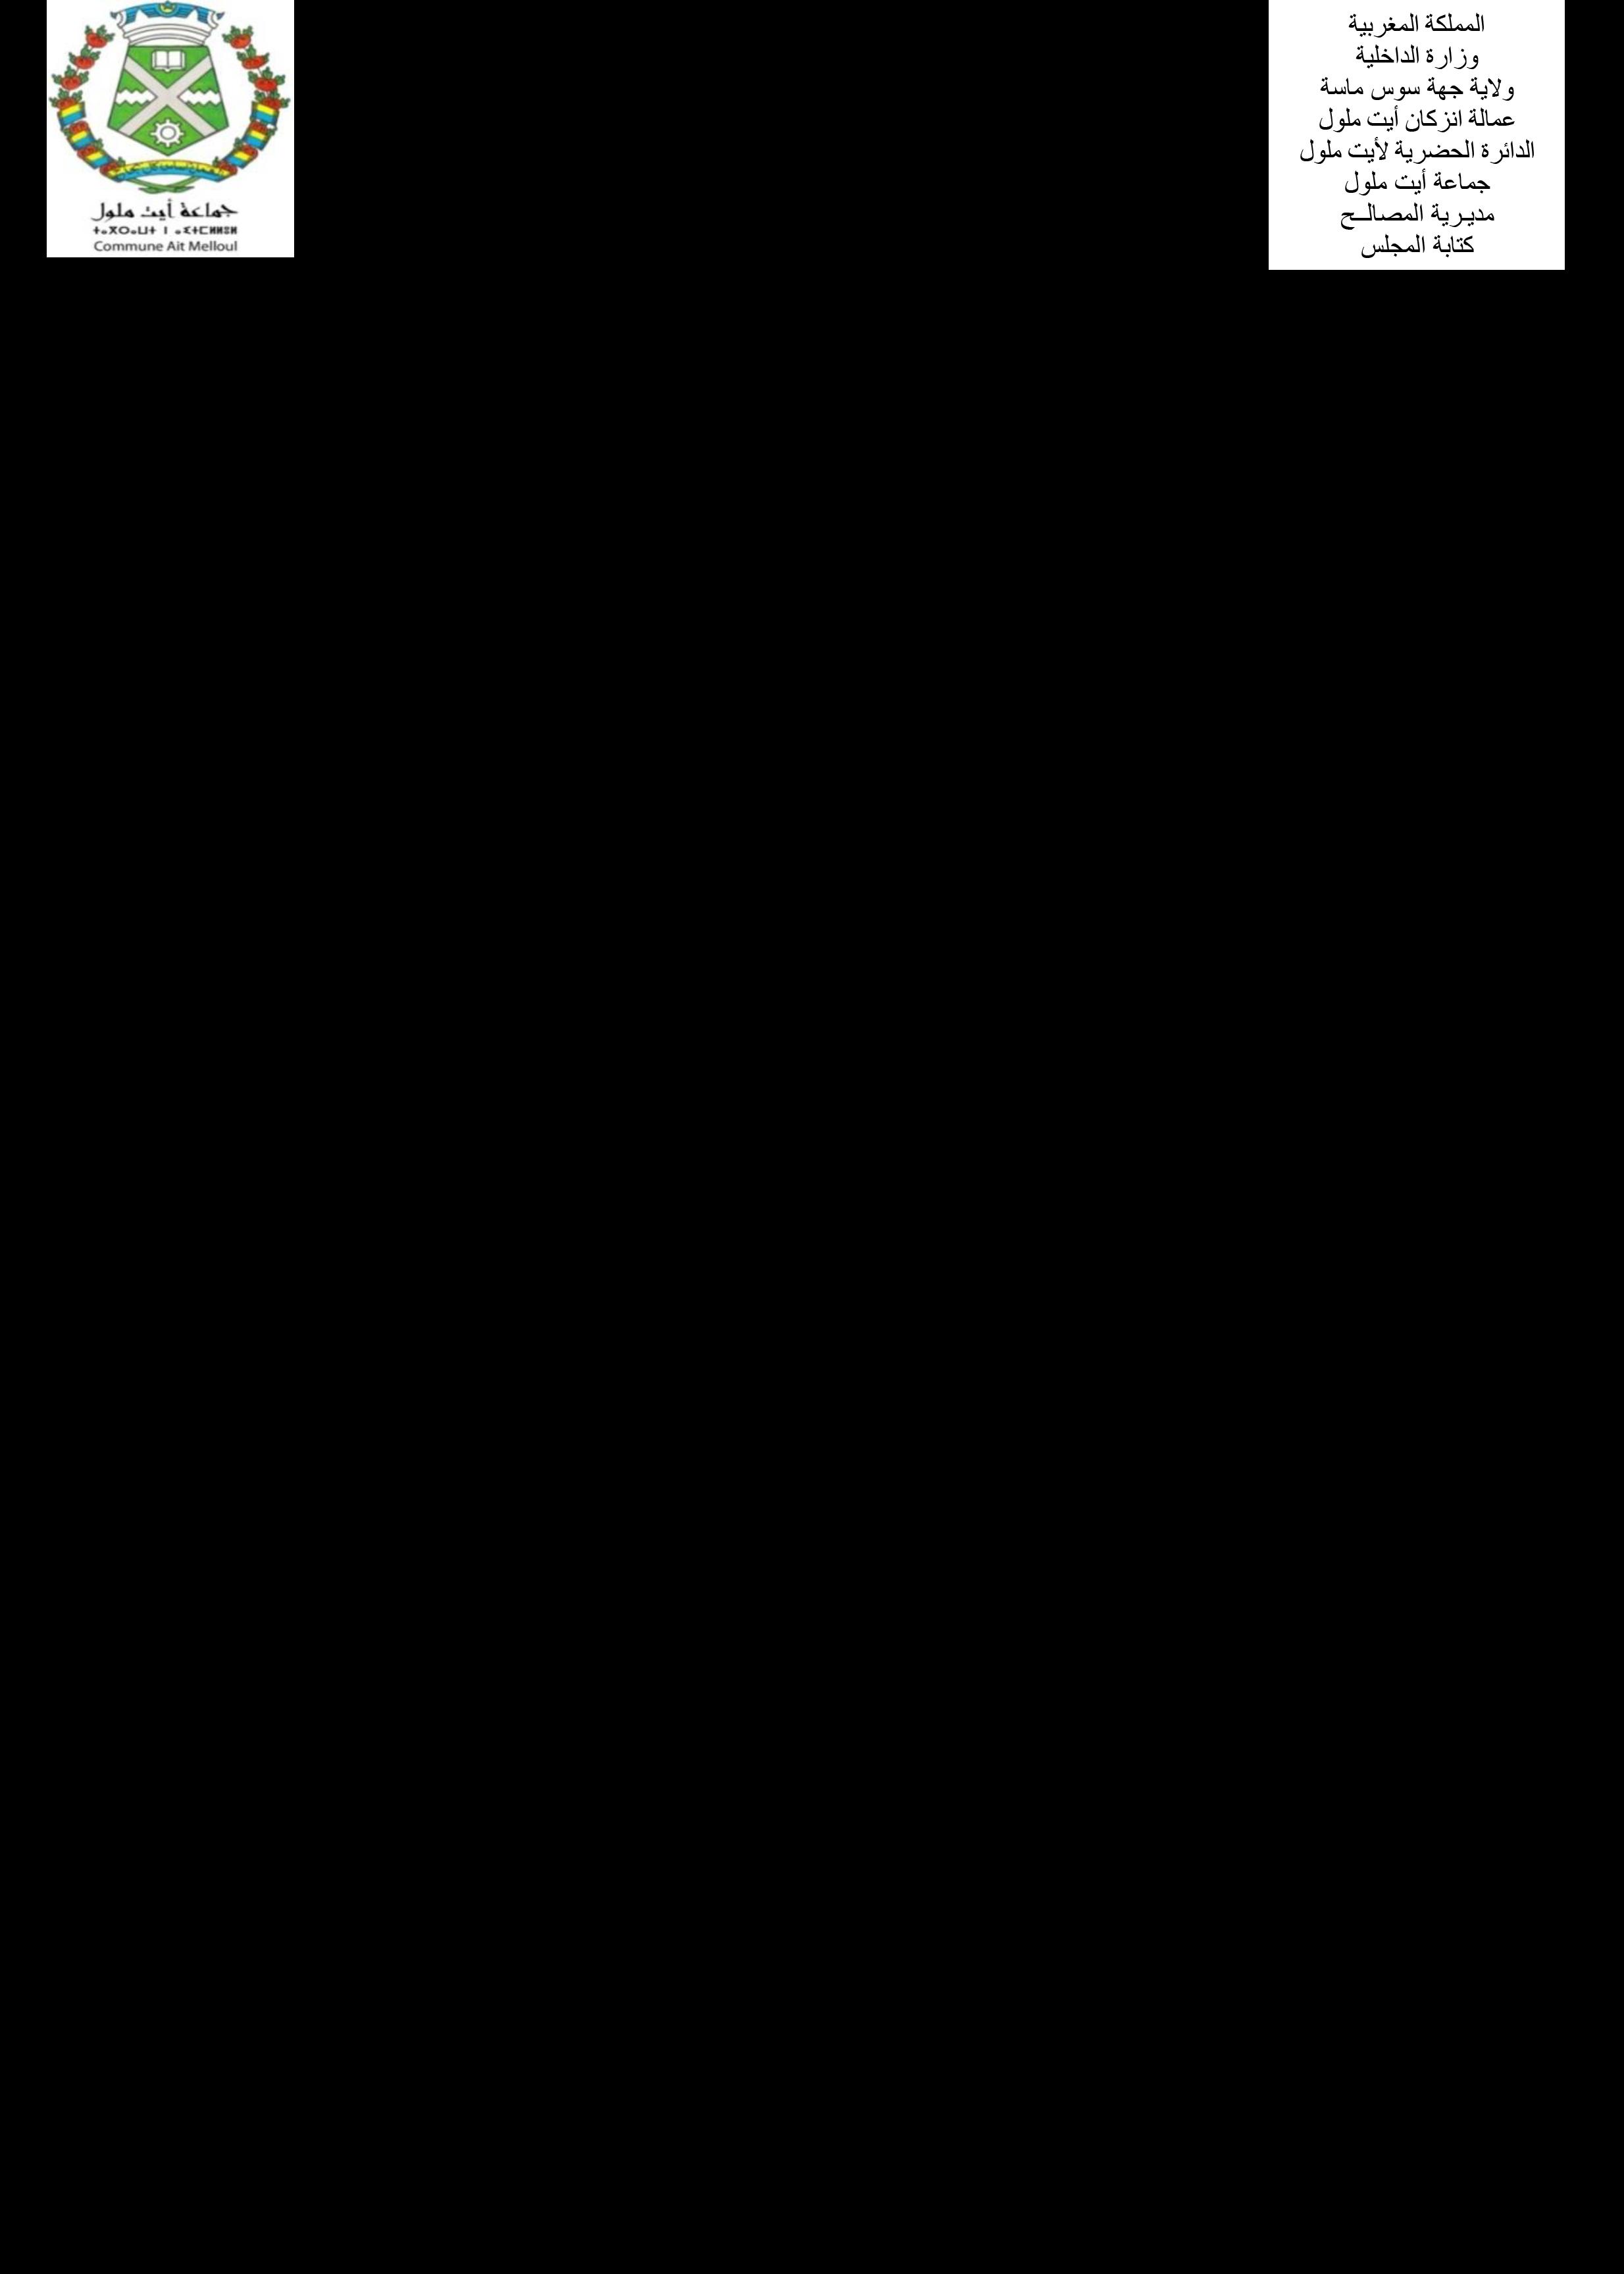 ملخص مقررات الدورة العادية للمجلس الجماعي لأيت ملول لشهر فبراير 2021